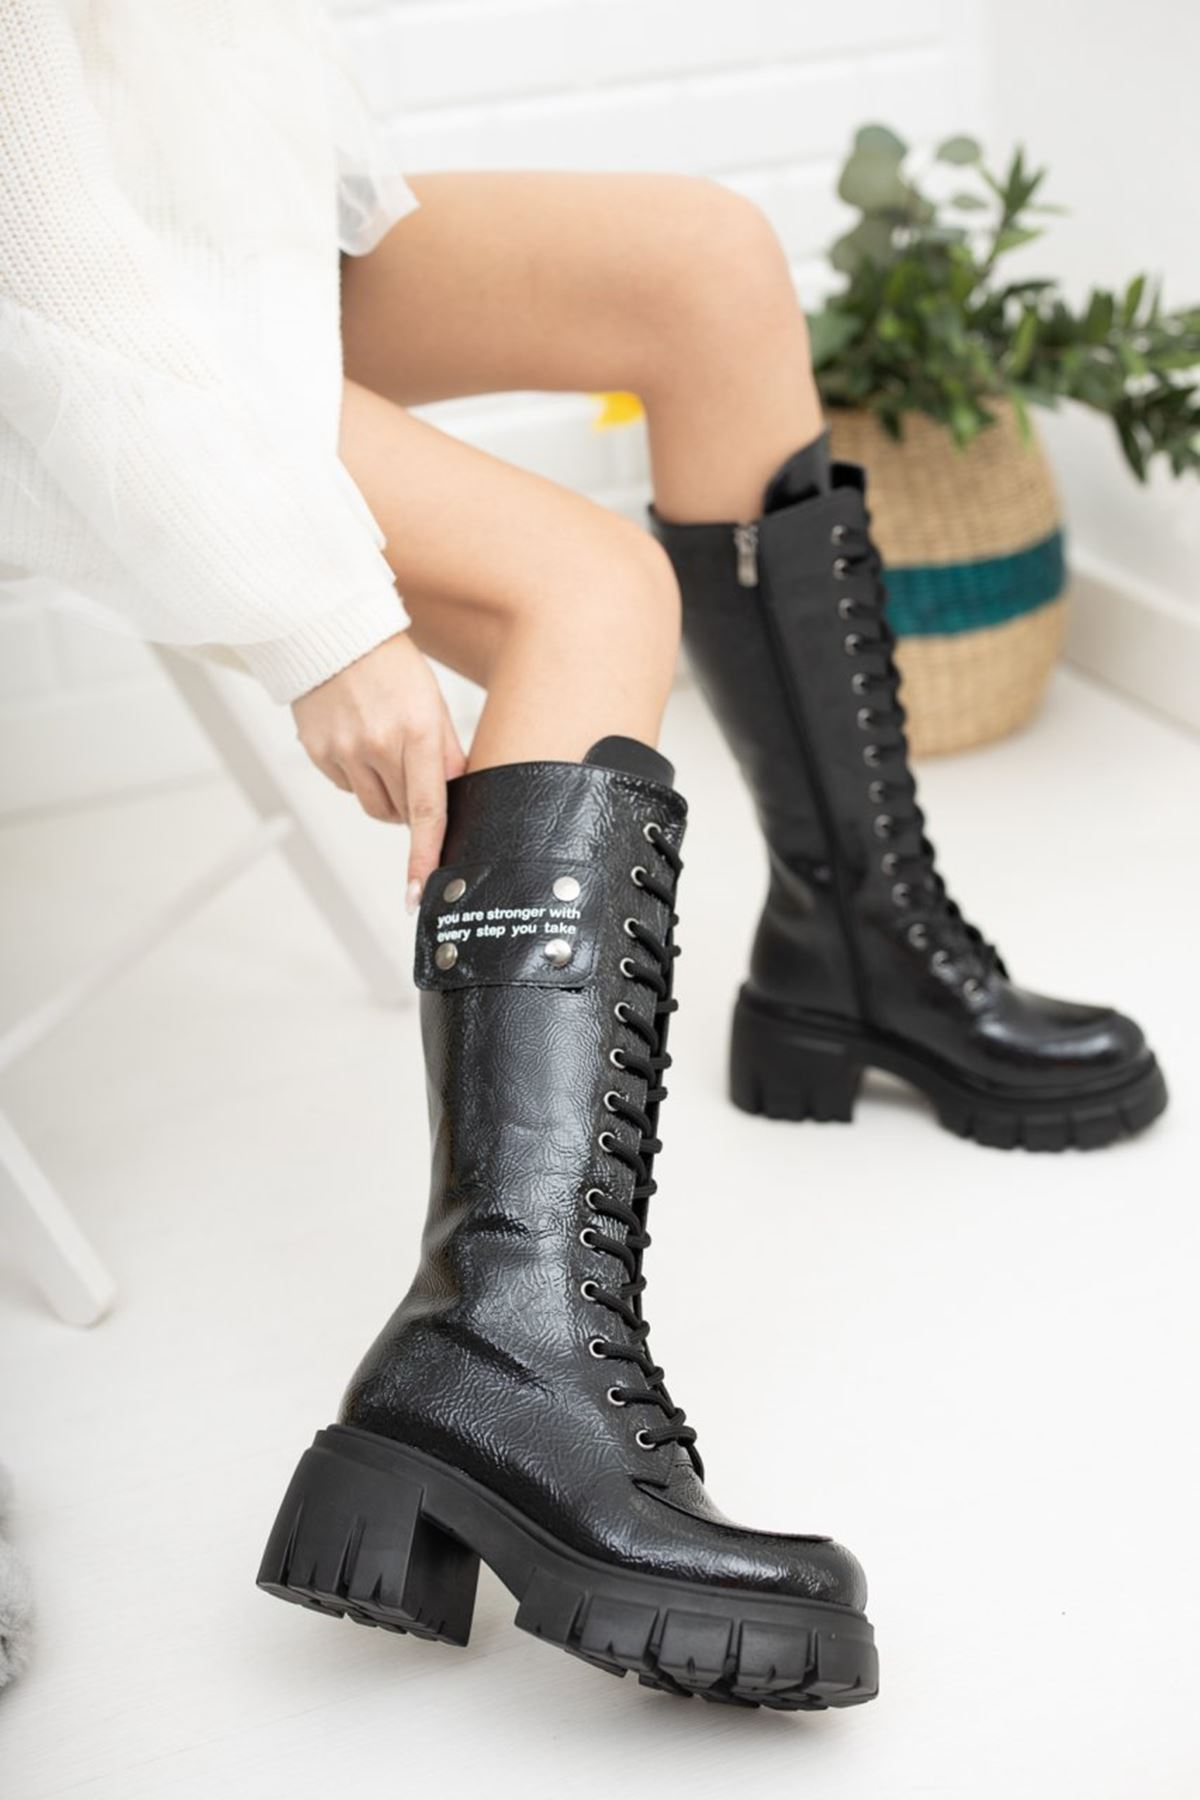 Kadın Vitali Kalın Taban Diz Altı Kırışık Rugan Siyah Çizme